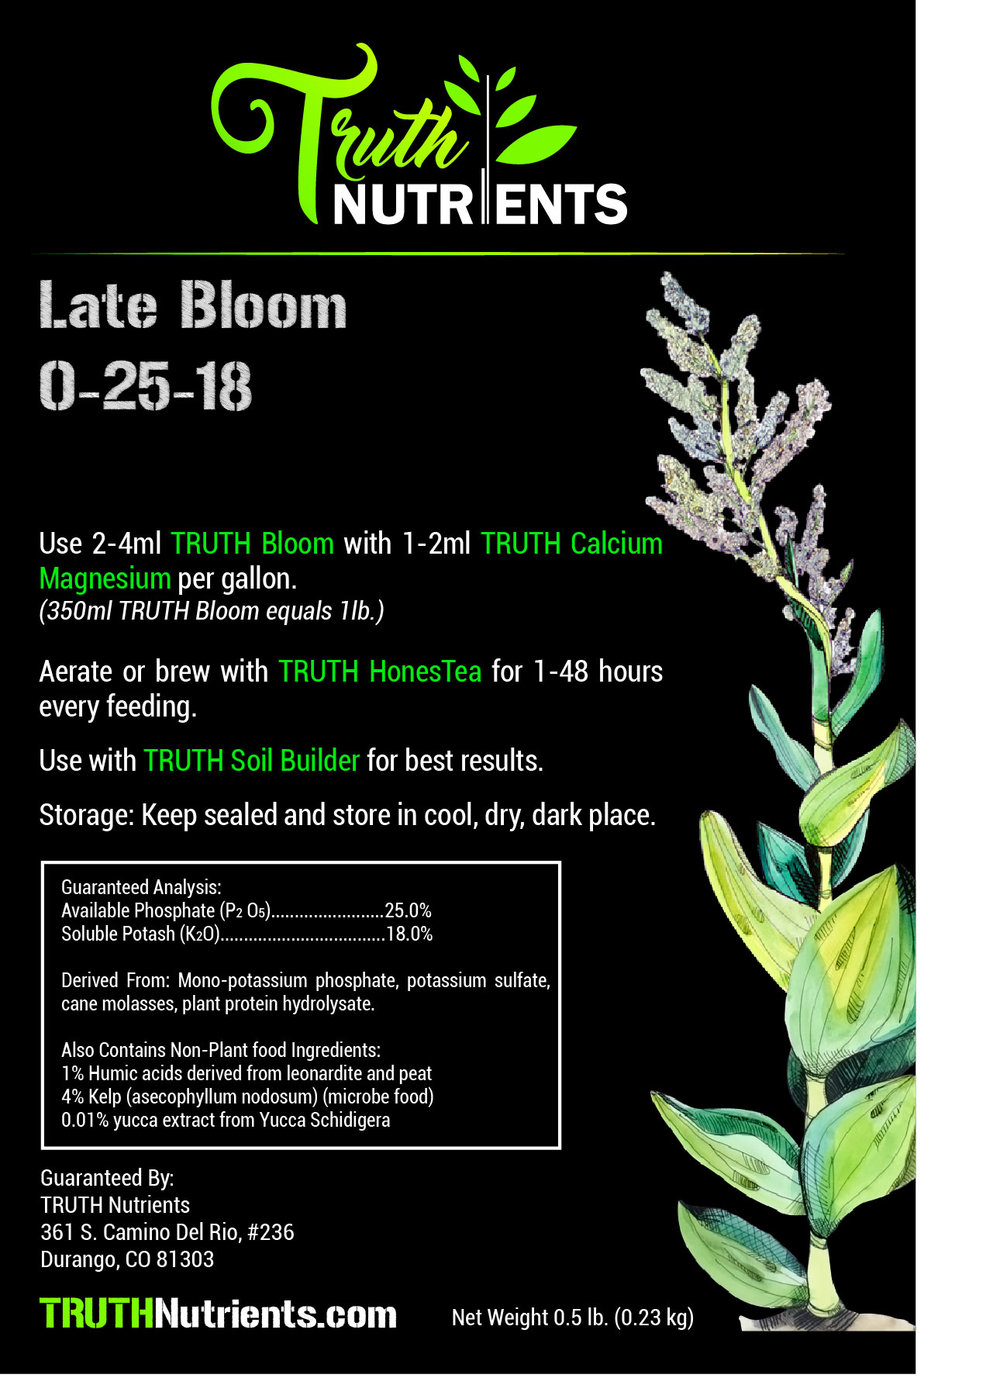 0.5lbLateBloom1-17updatedingredients.jpg